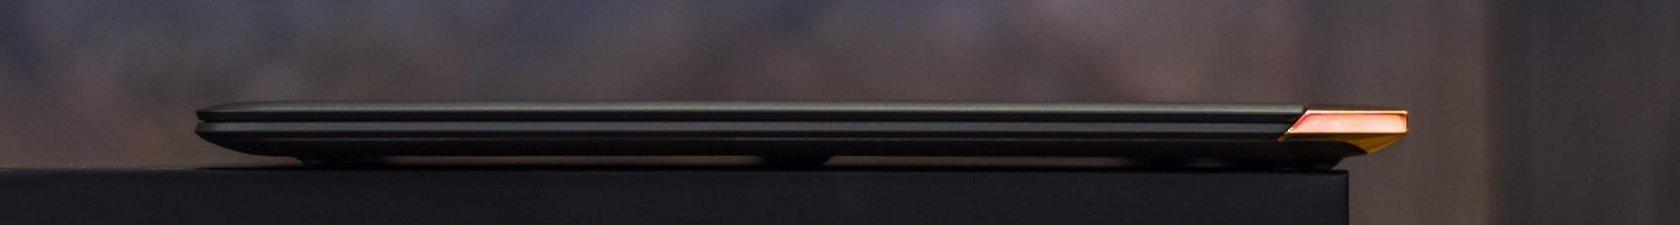 Технологии и дизайн в одном устройстве. Ноутбук HP Spectre 13 - 13